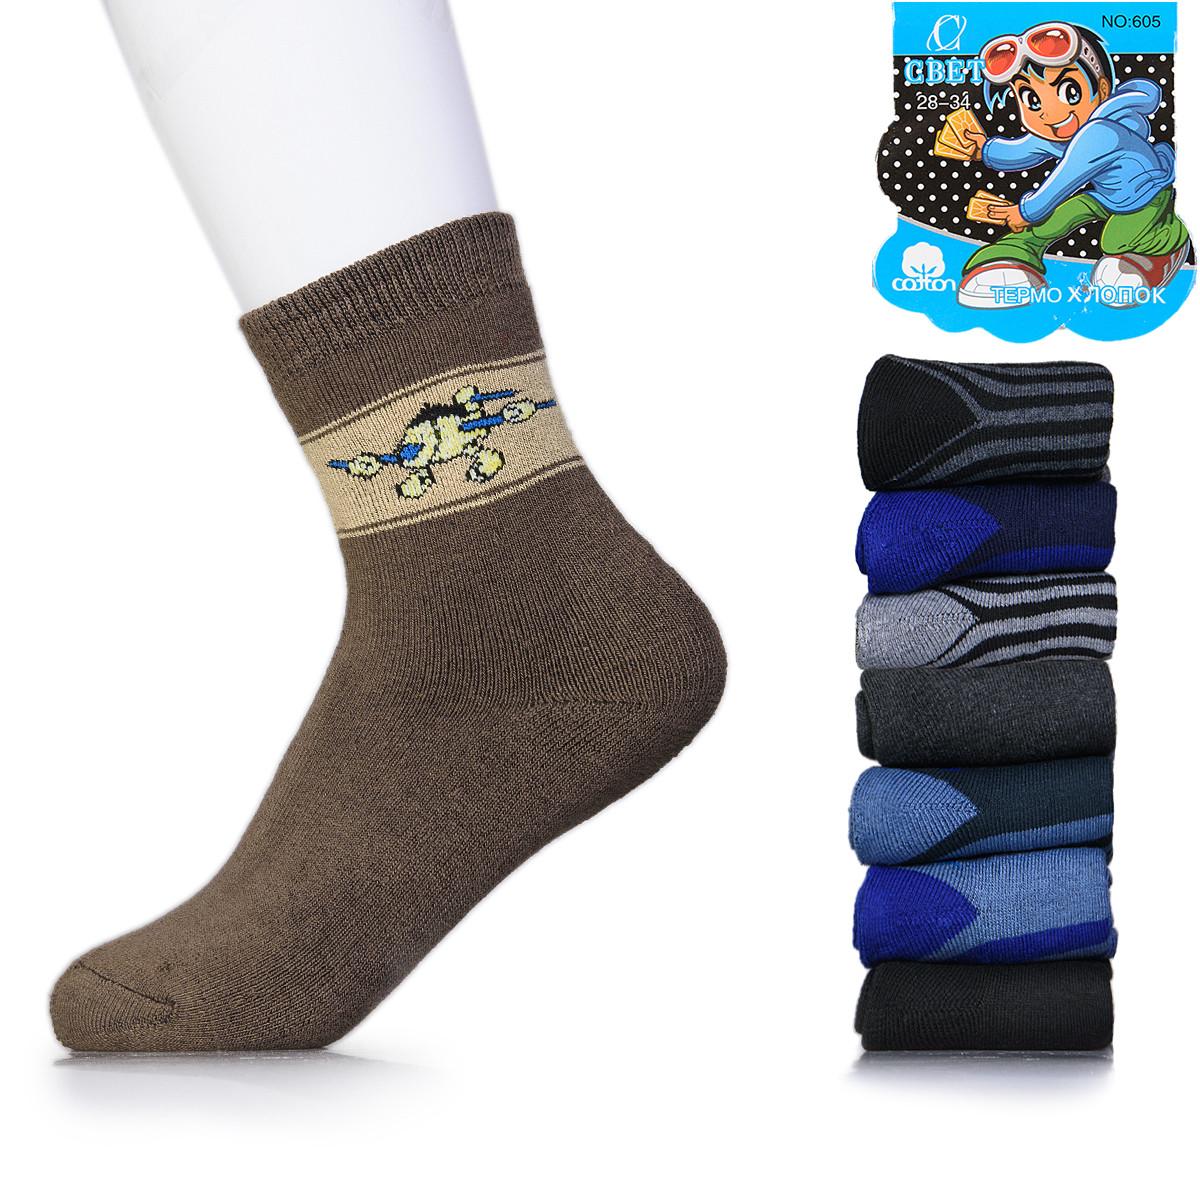 Махровые детские носки для мальчика с термоэффектом Свет 605DRN